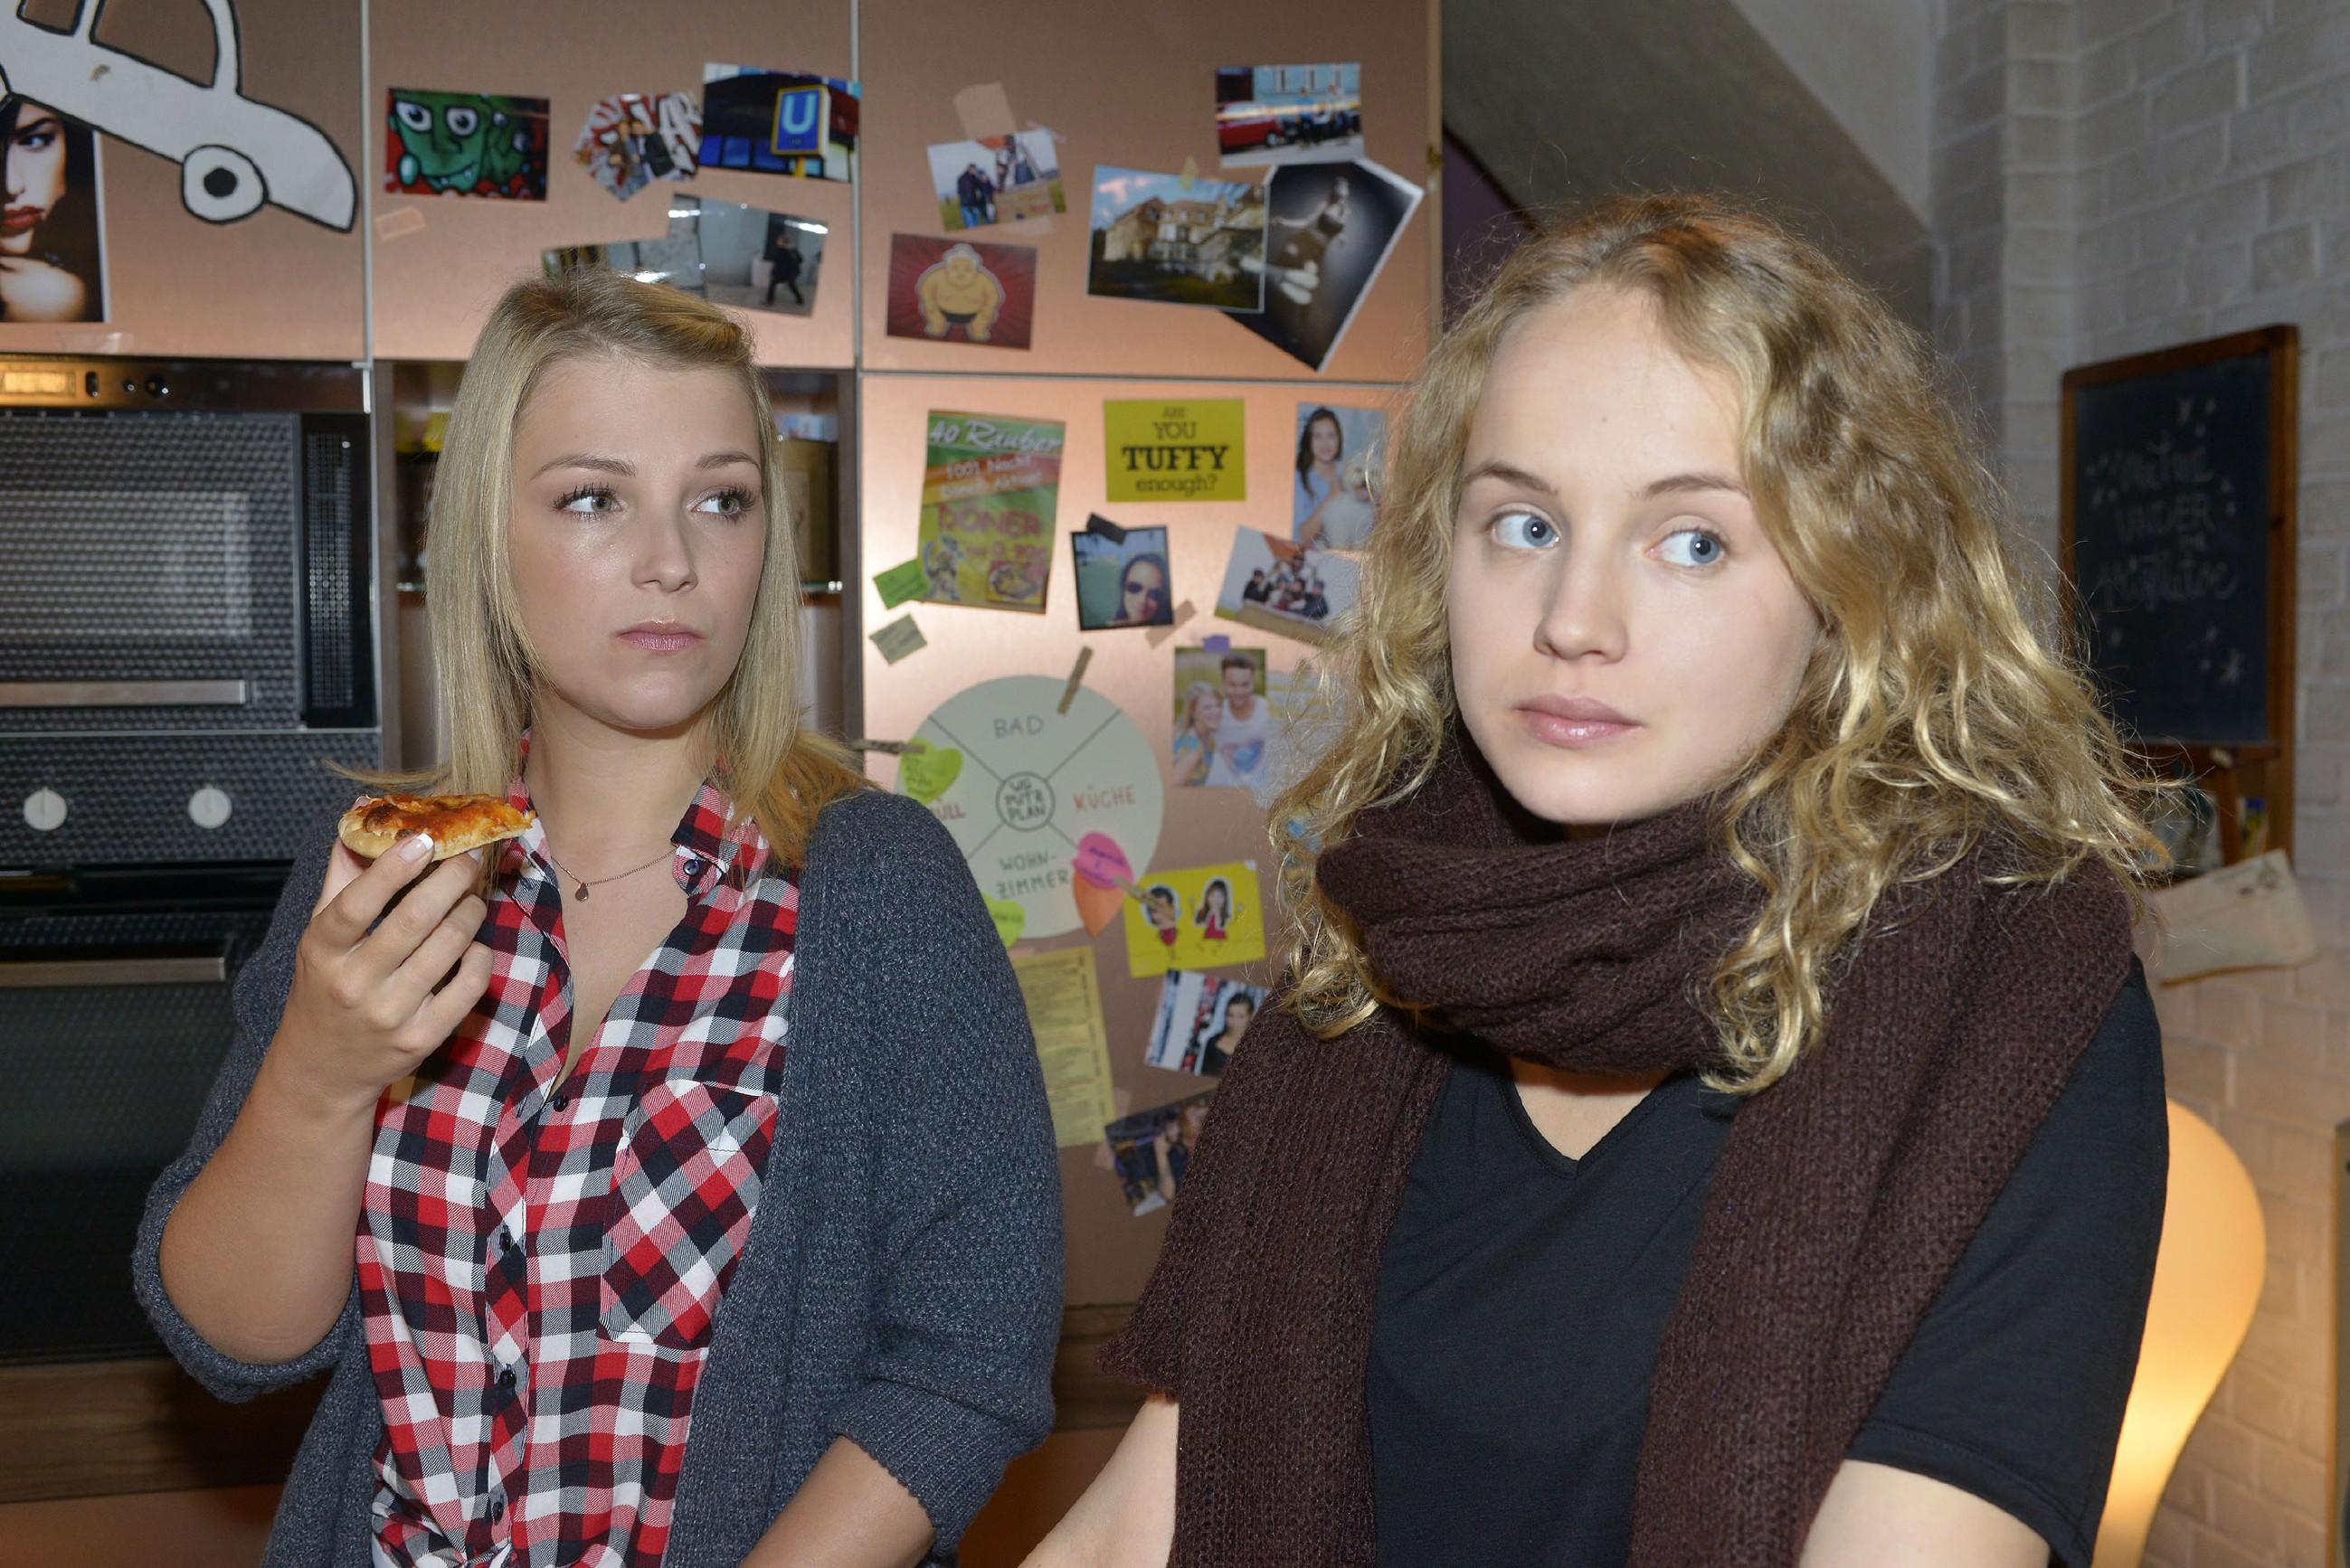 Lilly (Iris Mareike Steen, l.), findet es schade, dass Jule (Luise von Finckh) die WG verlassen muss. (Quelle: RTL / Rolf Baumgartner)